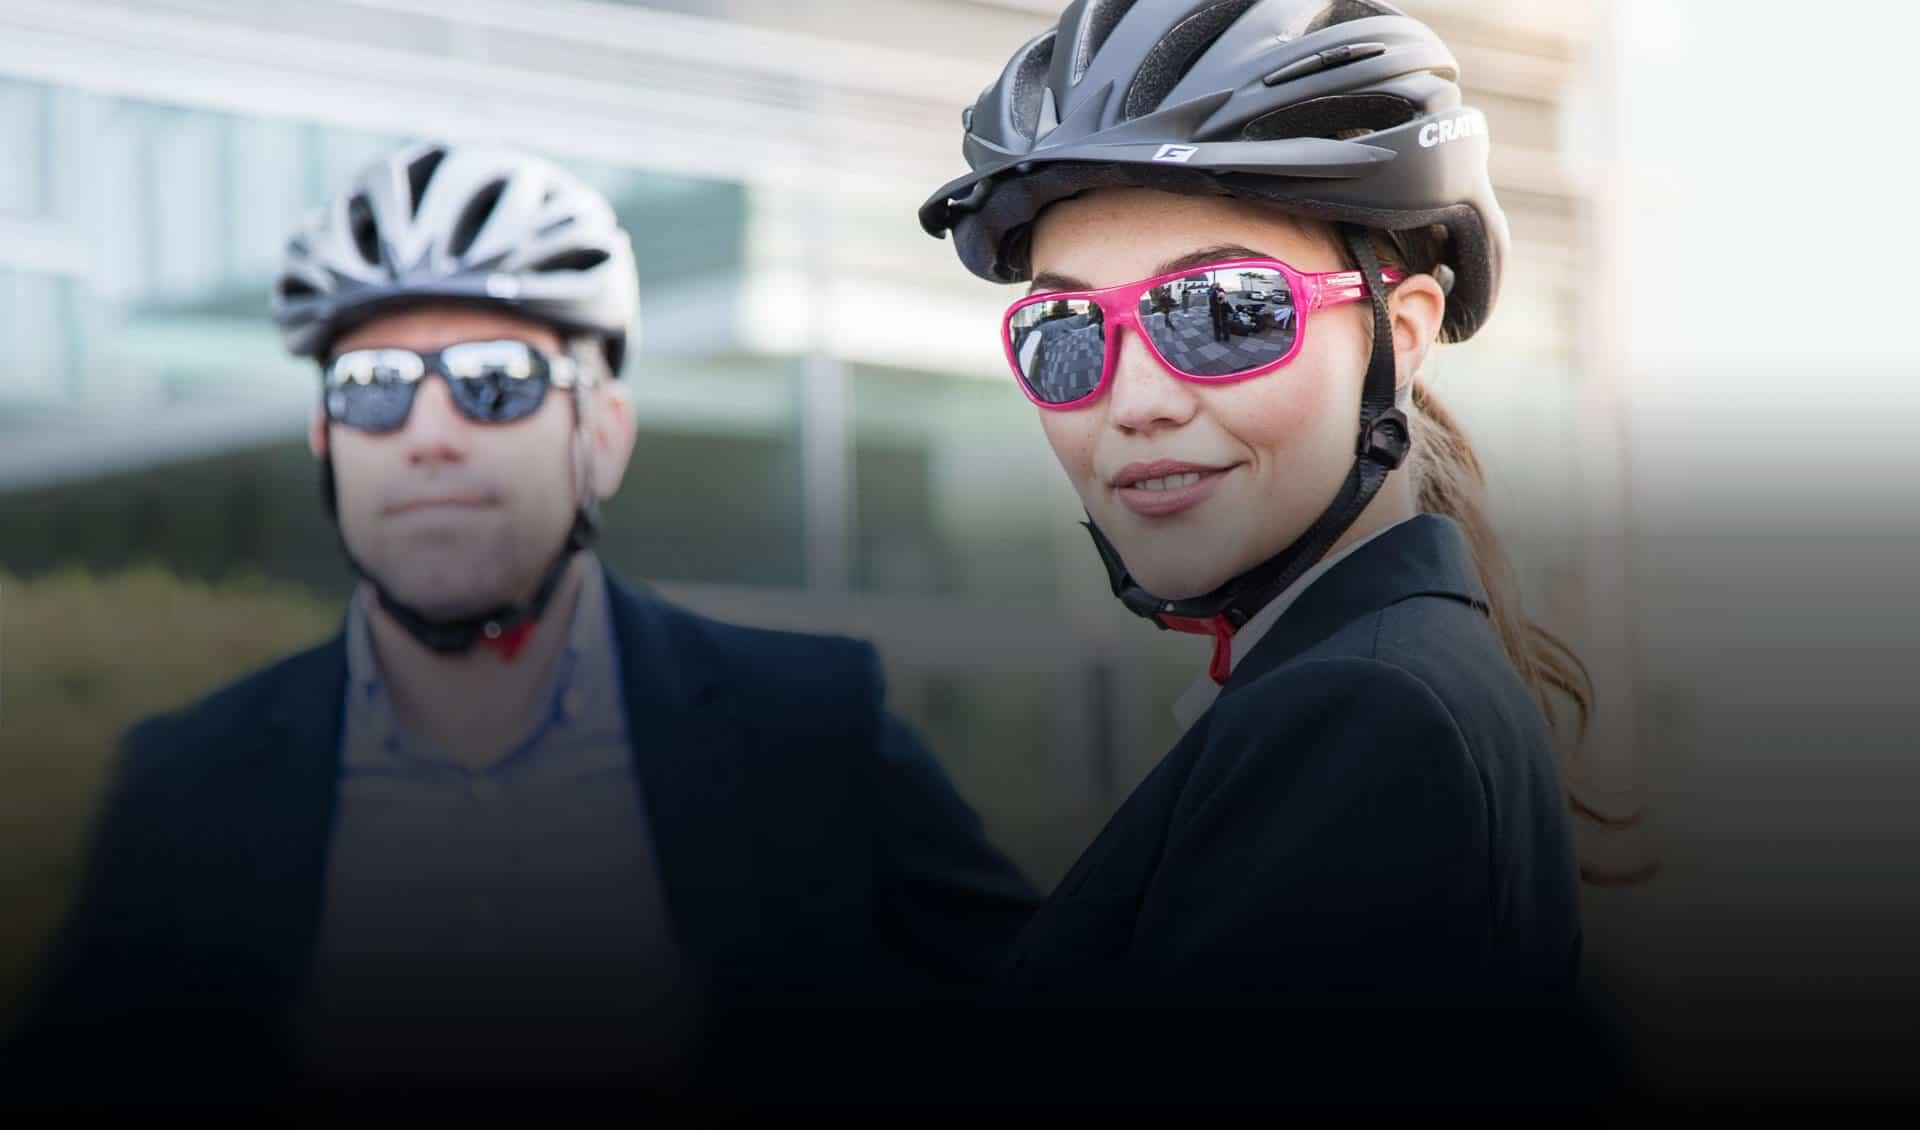 Sportbrillen mit UV-Schutz